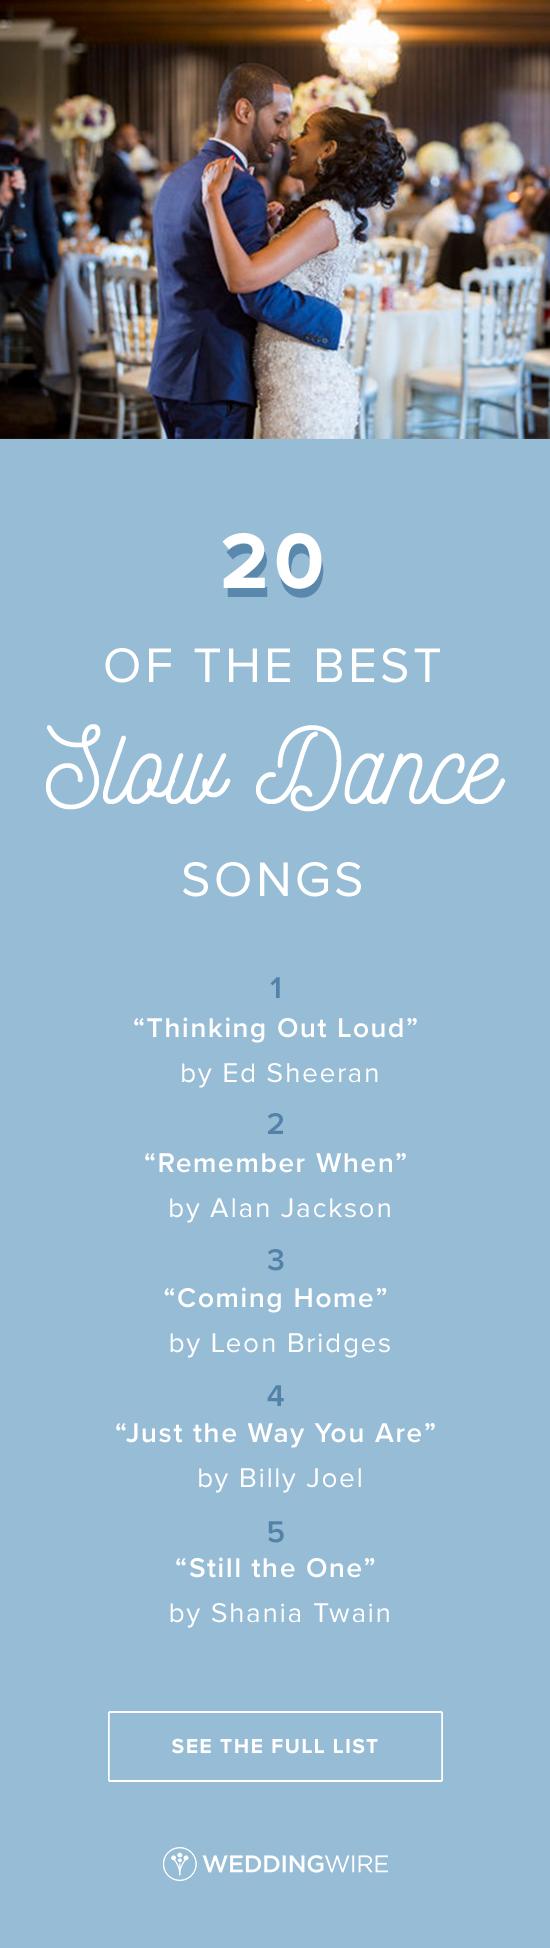 20 Wedding Slow Dance Songs We Love Wedding Slow Dance Songs Slow Dance Songs Best Wedding Songs